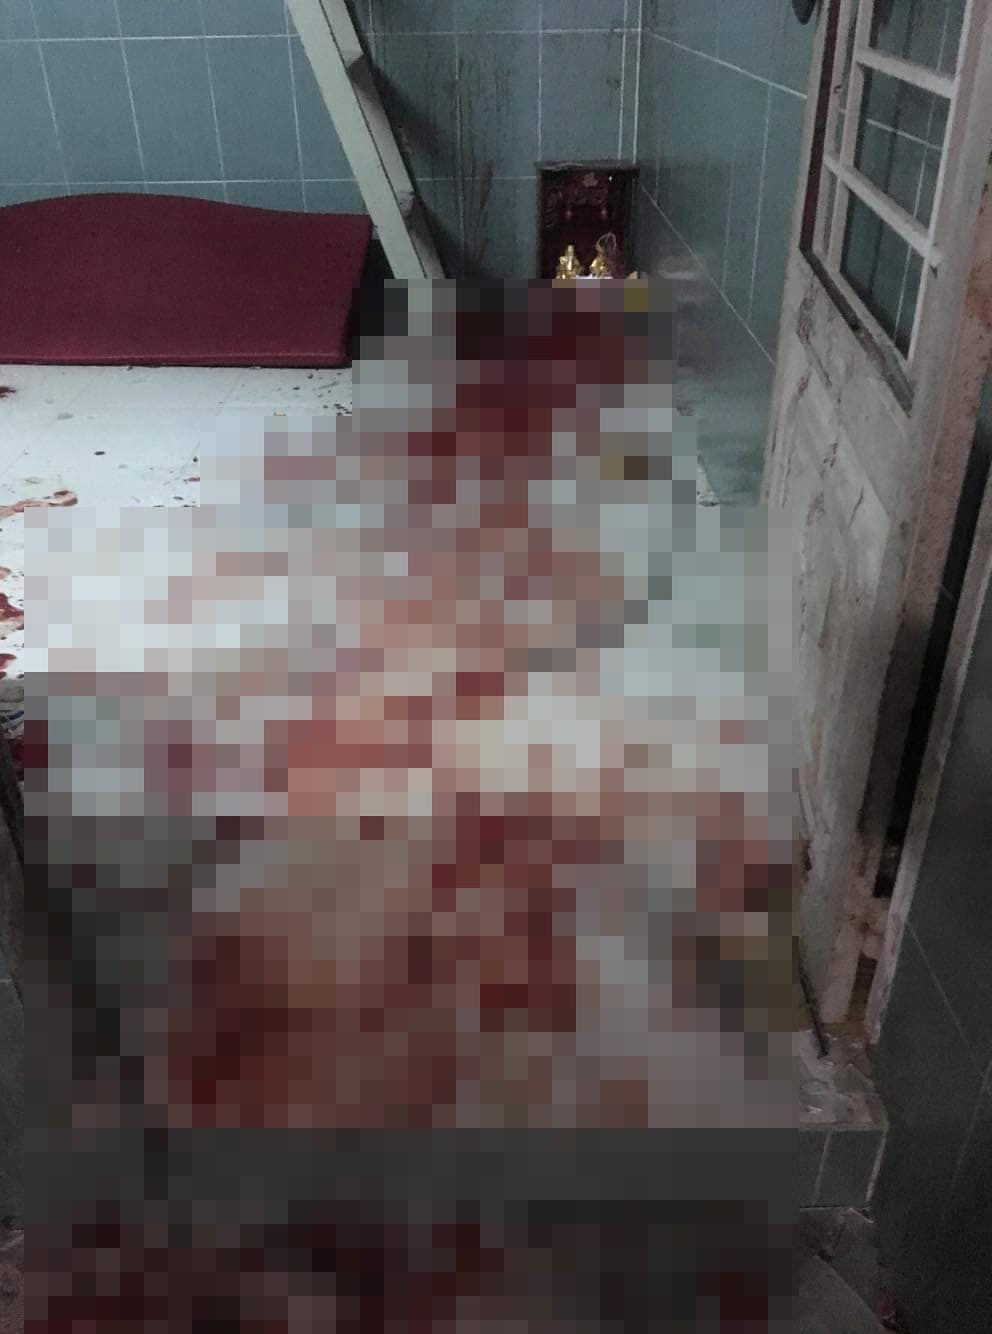 Nguyên nhân vụ truy sát kinh hoàng trong đêm ở nhà trọ ở TPHCM Ảnh 5